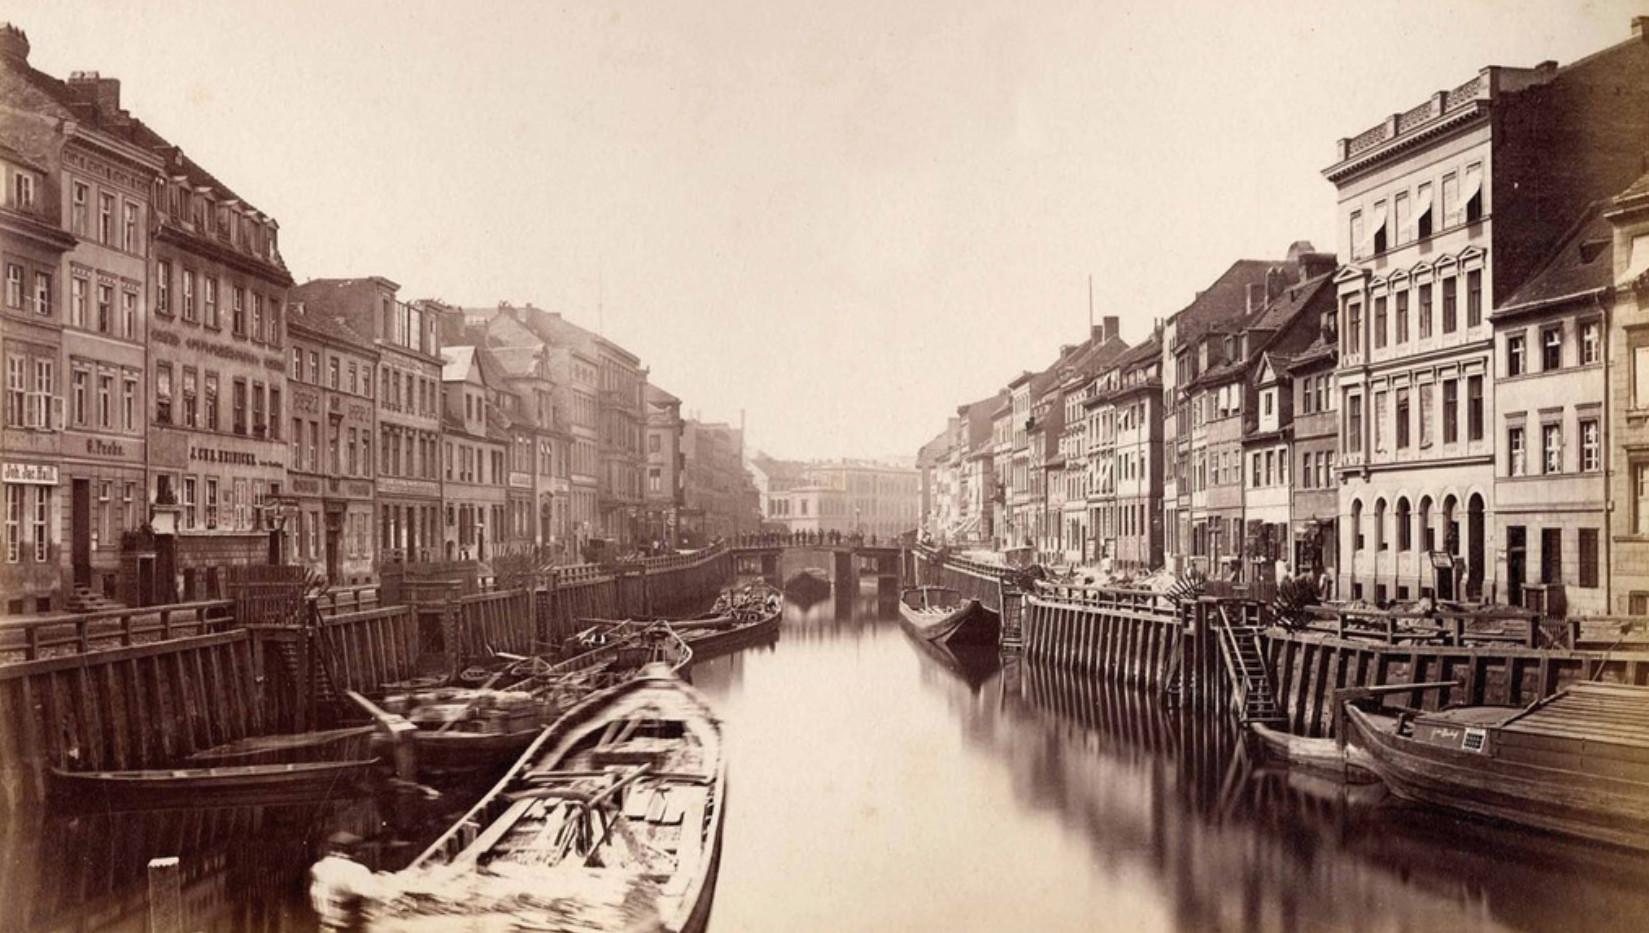 F. Albert Schwartz, Blick von der Inselbrücke in die Friedrichsgracht mit der Straßenbebauung von Neukölln am Wasser, um 1880